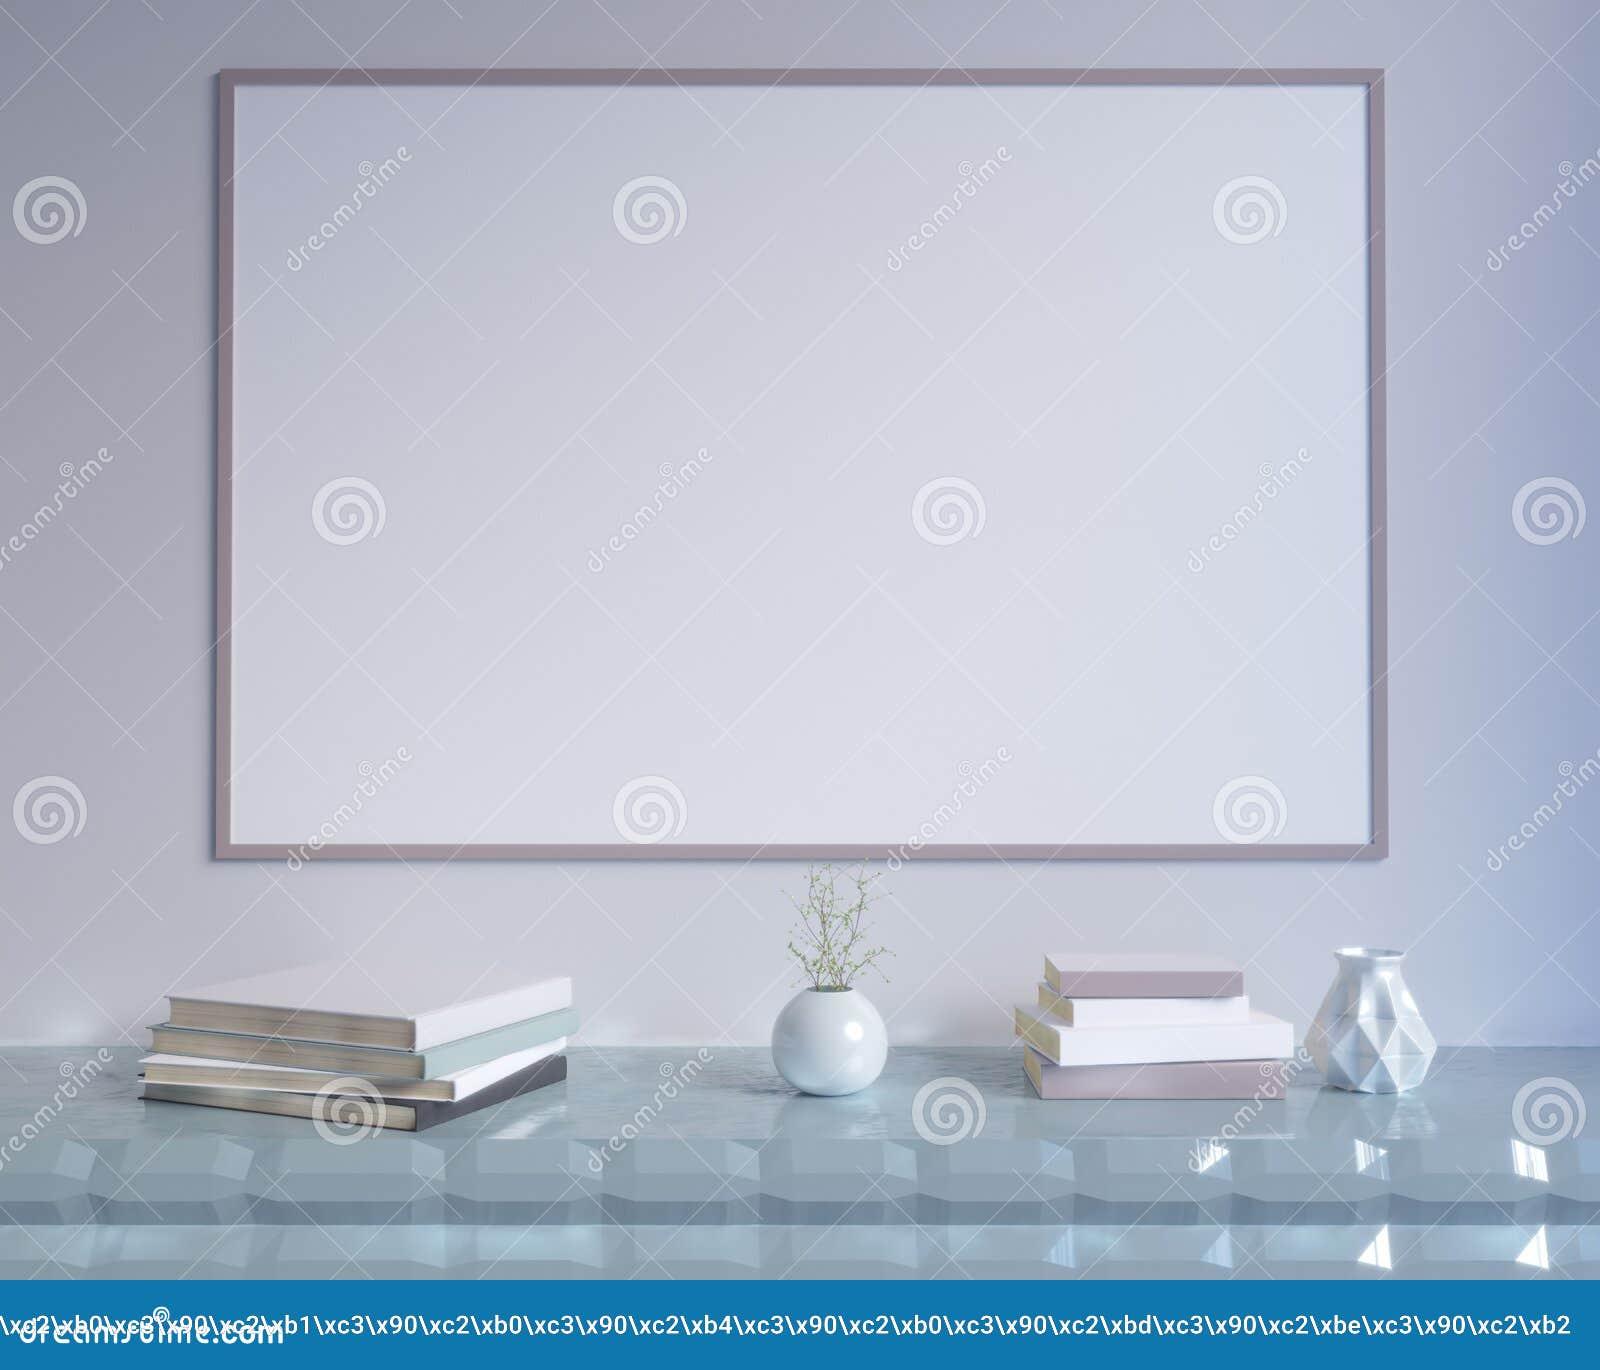 Интерьер концепции, глумится вверх по плакату на стене, иллюстрации 3d представляет, представлять, ретро, комната, скандинавская